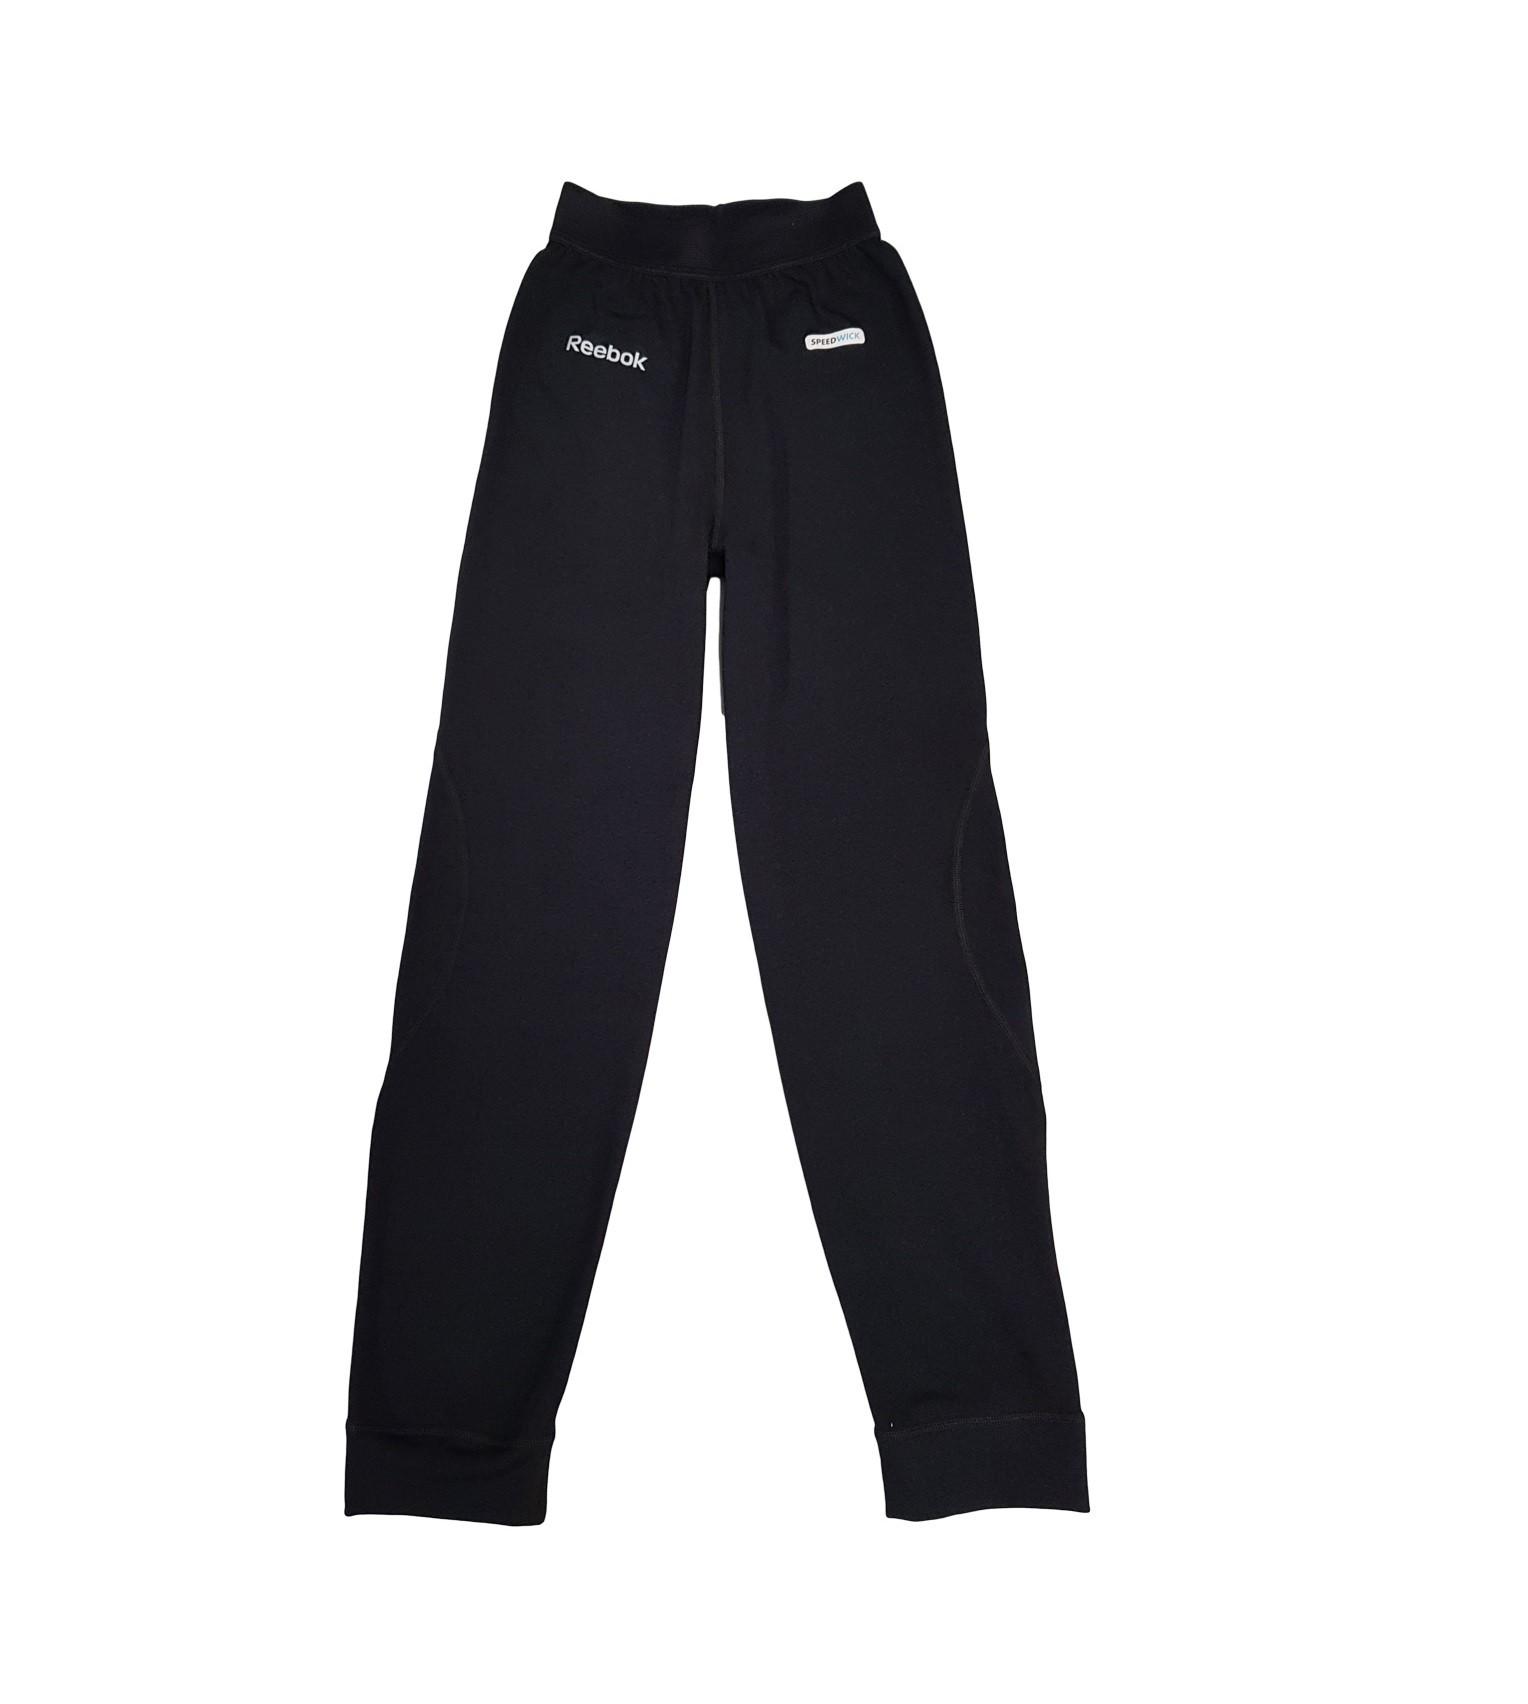 Reebok Speedwick Youth Underwear Pants